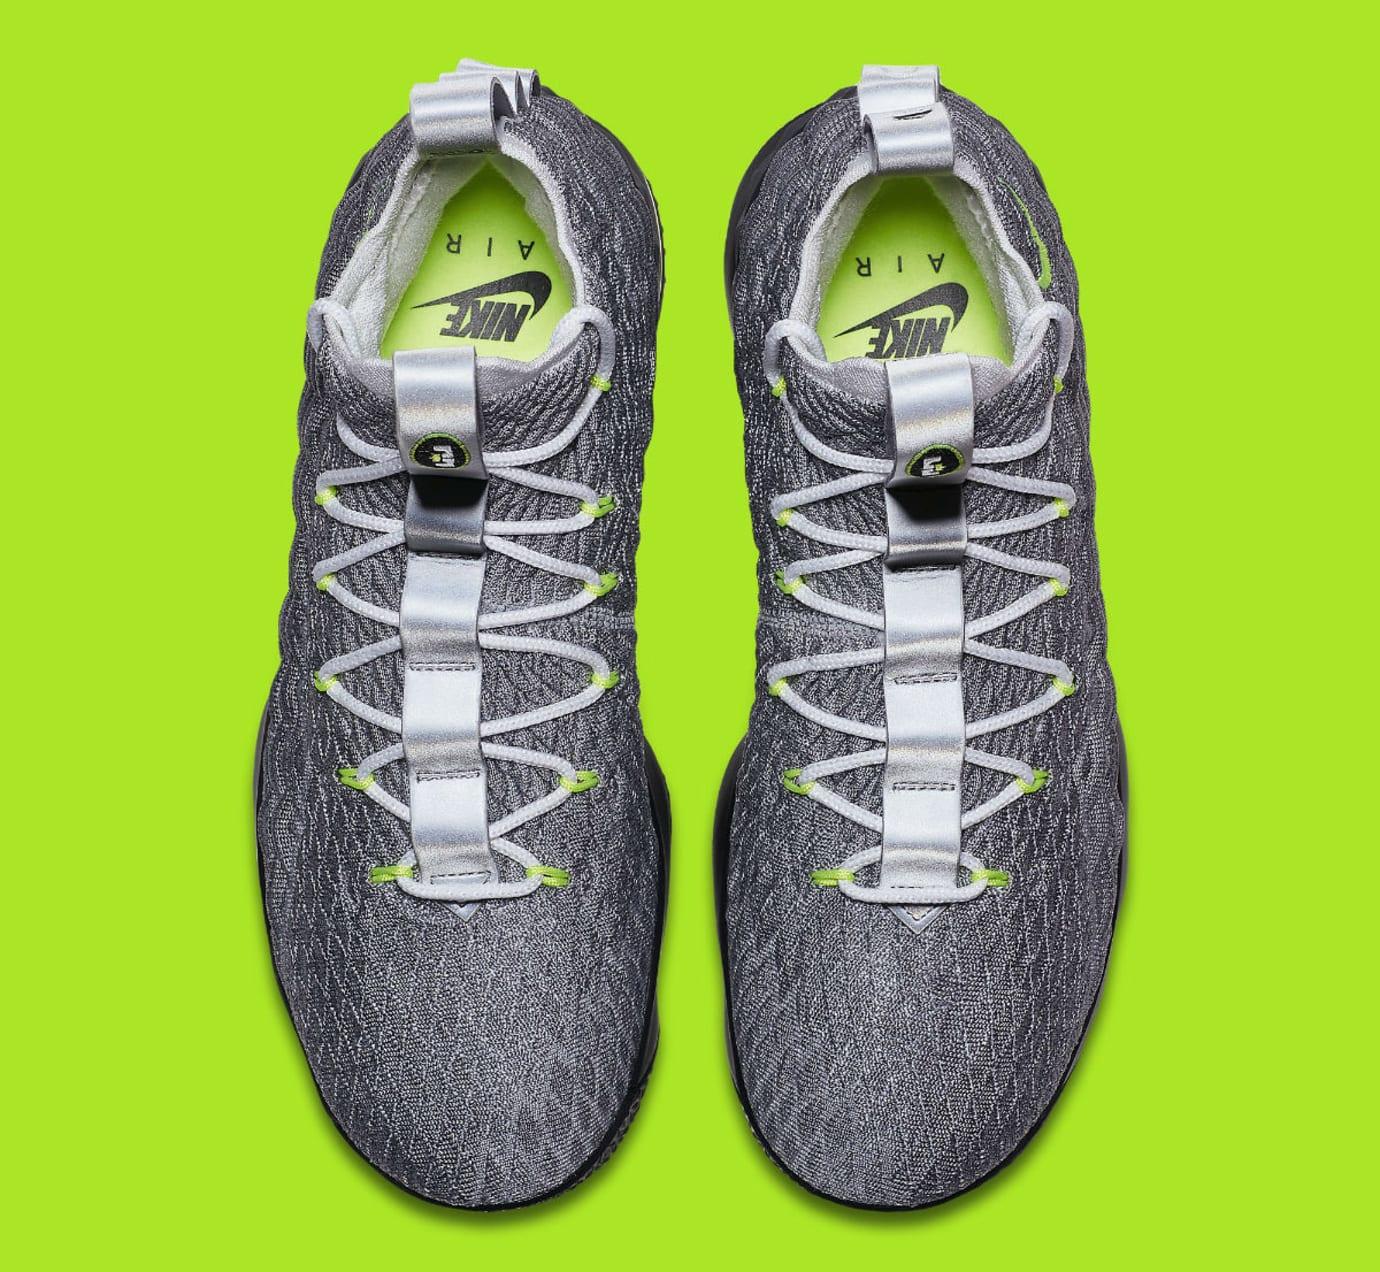 61f4d73d5cfc Nike LeBron 15 Air Max 95 Neon Release Date AR4831-001 Main